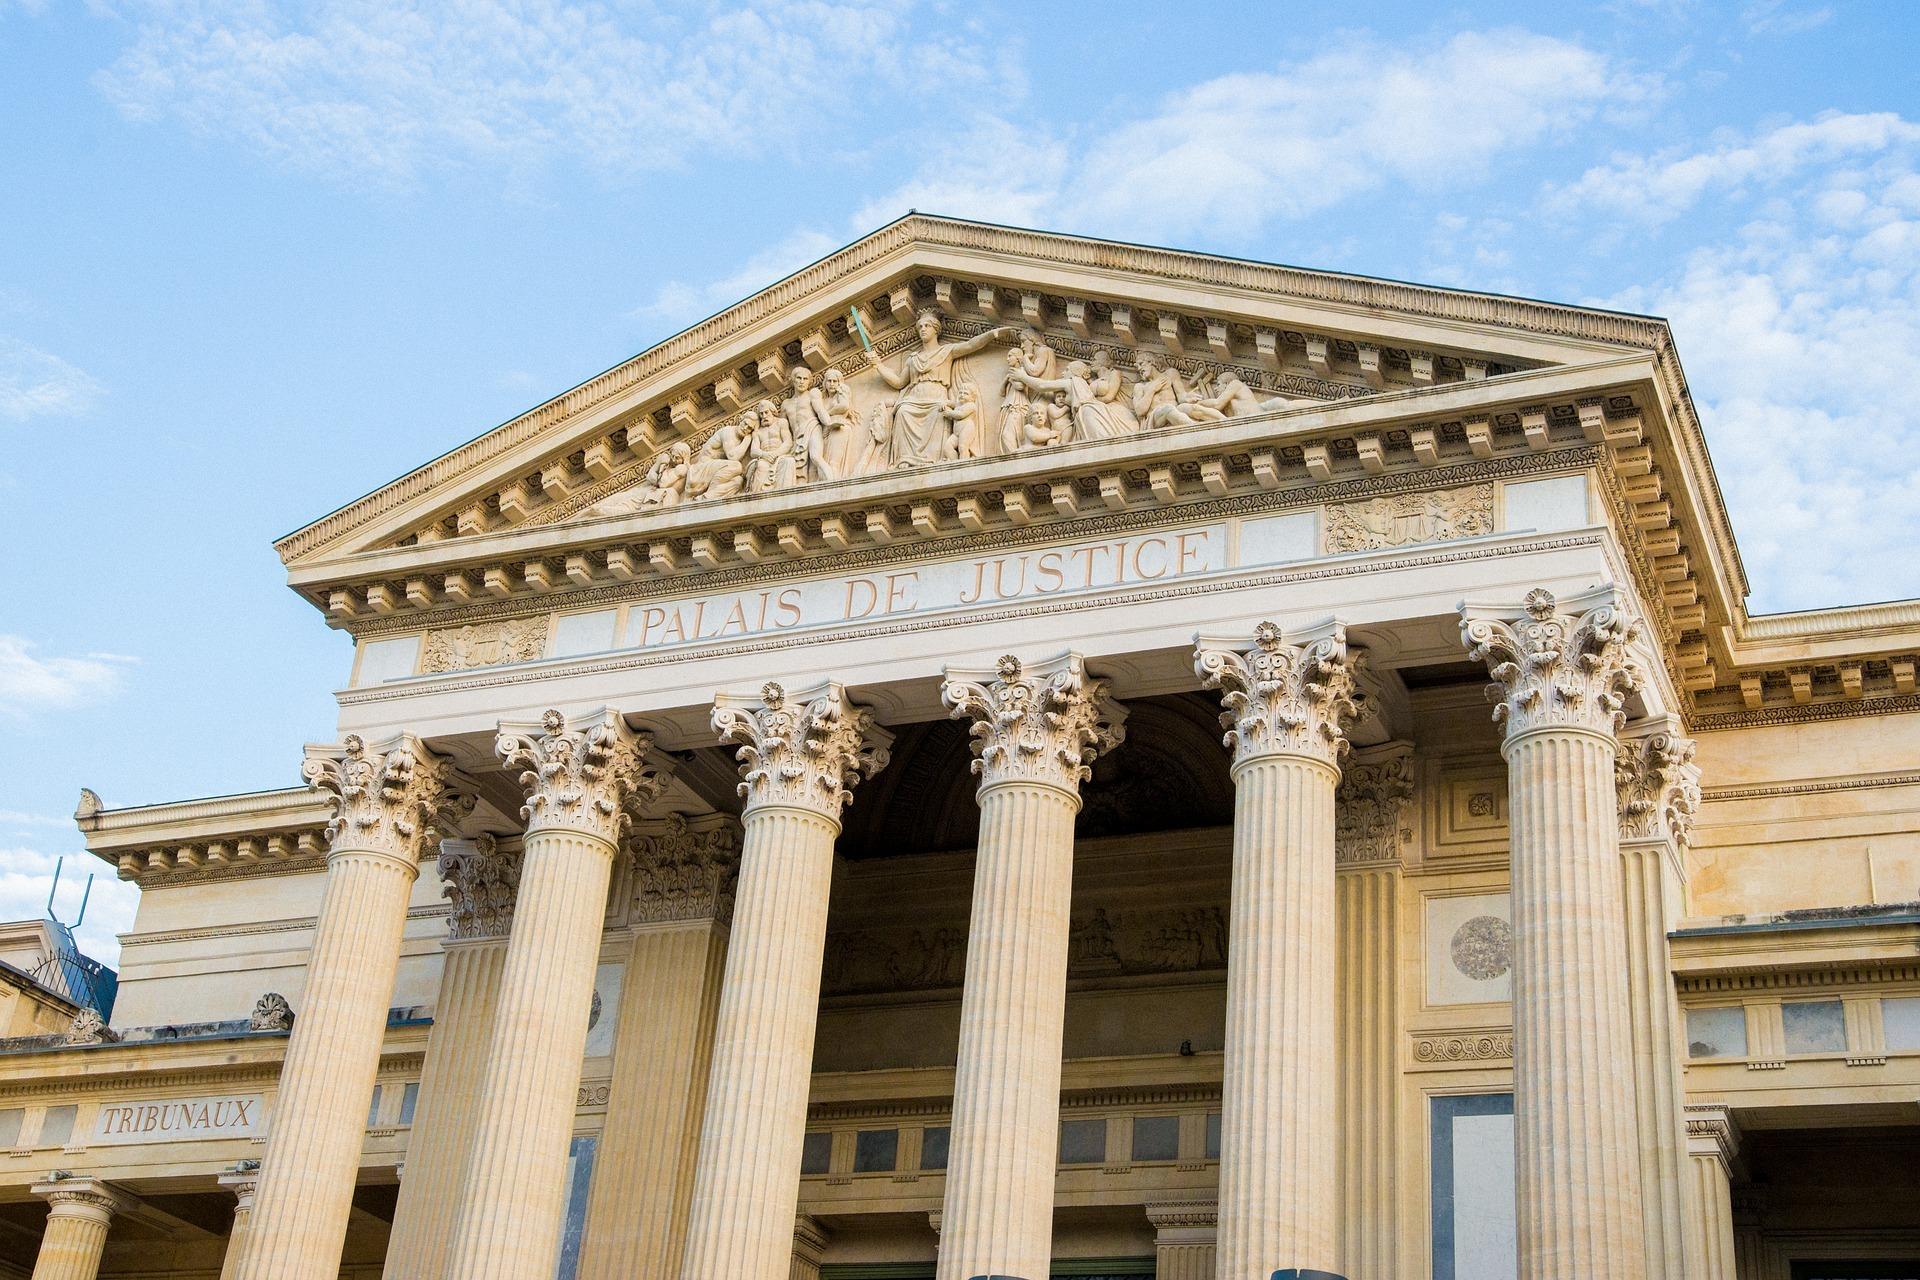 Quels sont les principaux changements apportés aux nouvelles Règles de la Cour d'appel en matière criminelle?